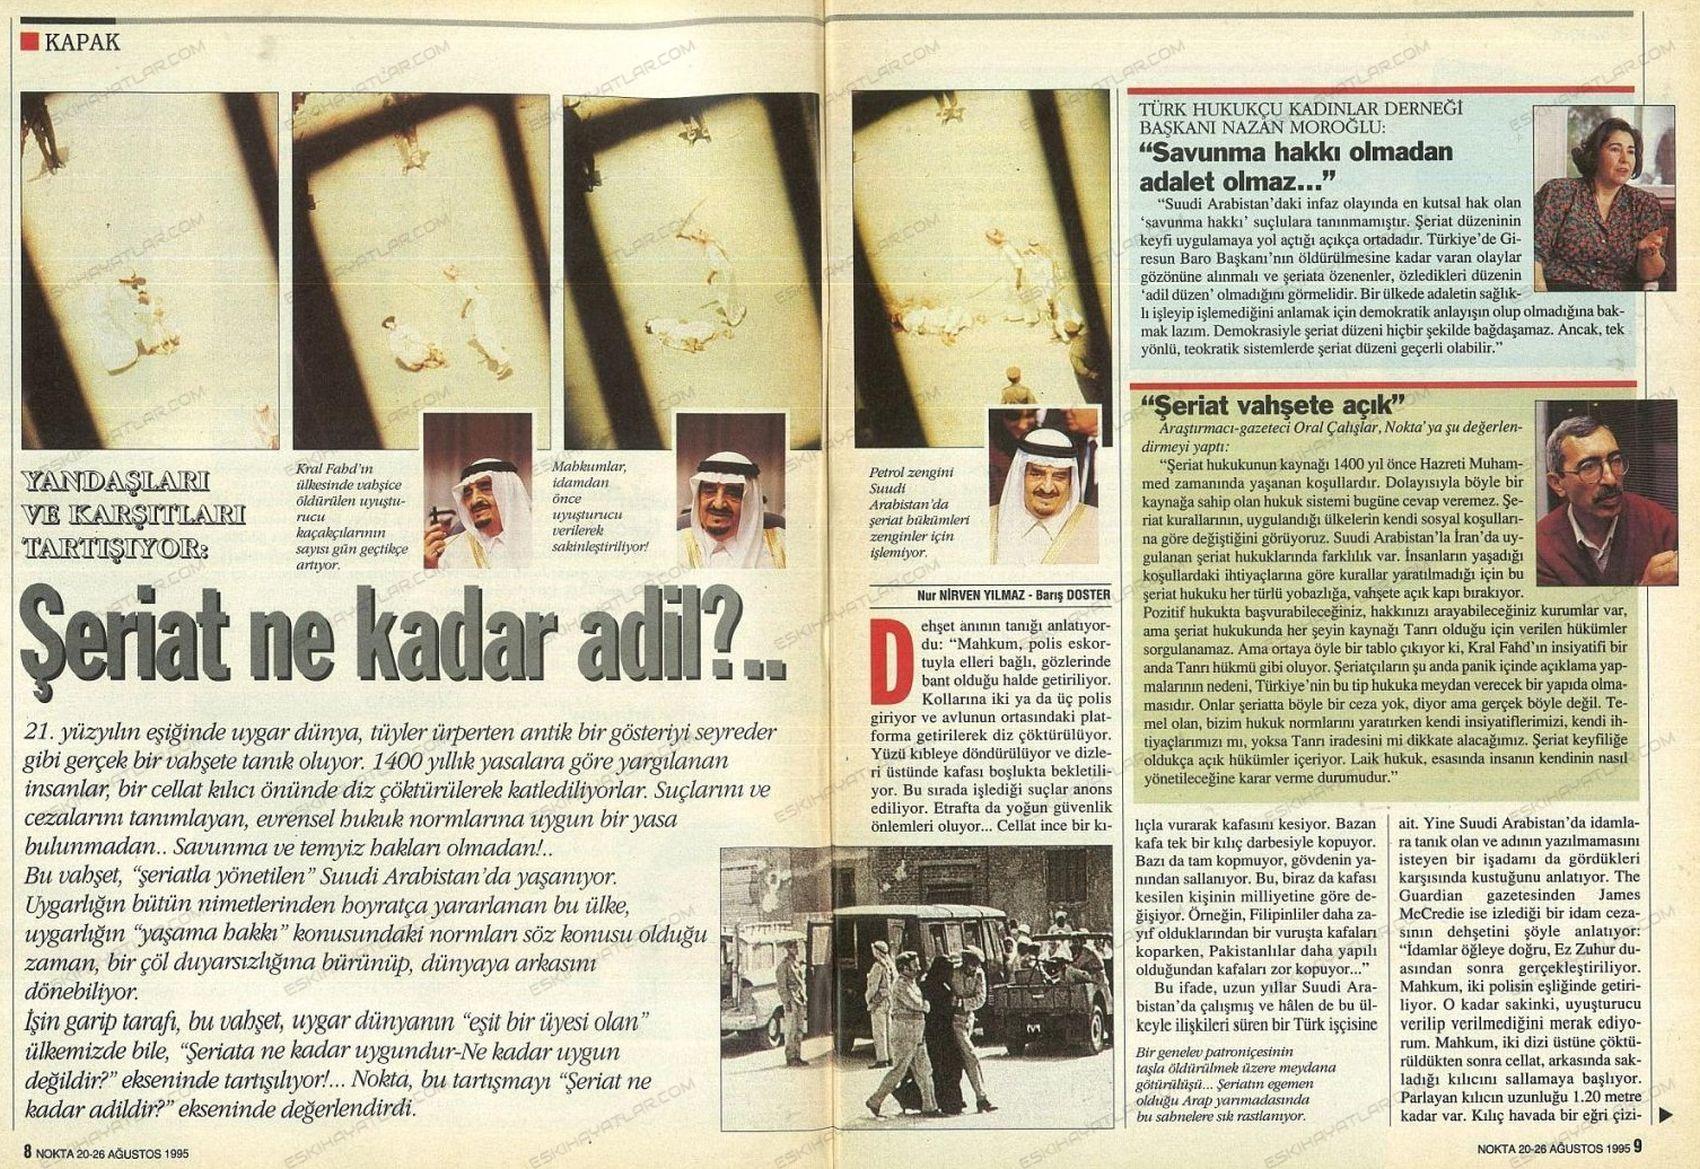 0216-islam-ulkelerinde-seriat-nasildir-1995-nokta-dergisi-carsaf-giyen-kadinlar (2)